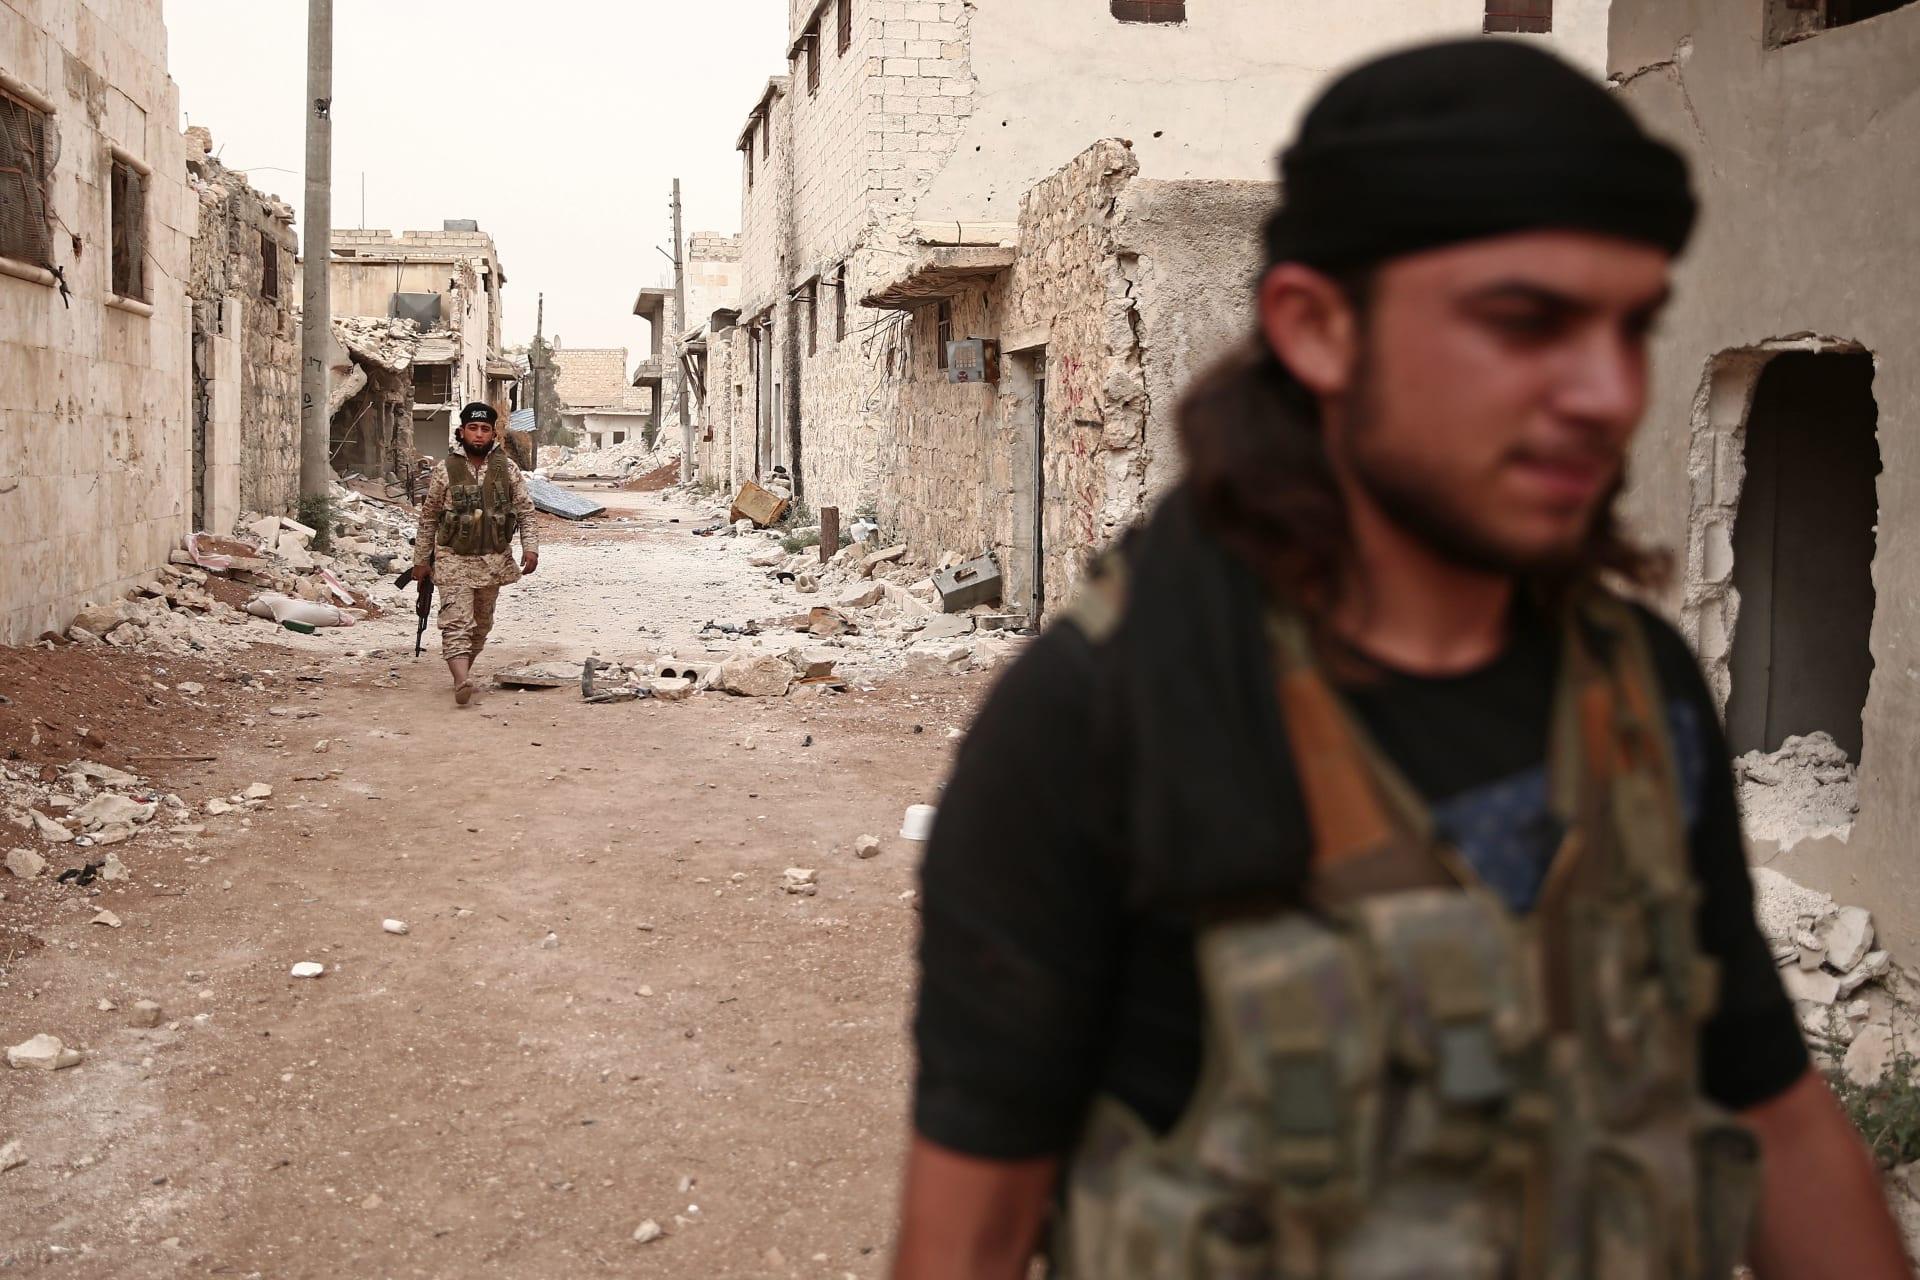 تفجير يودي بحياة 14 شخصا على الأقل في مدينة سورية تحت السيطرة التركية